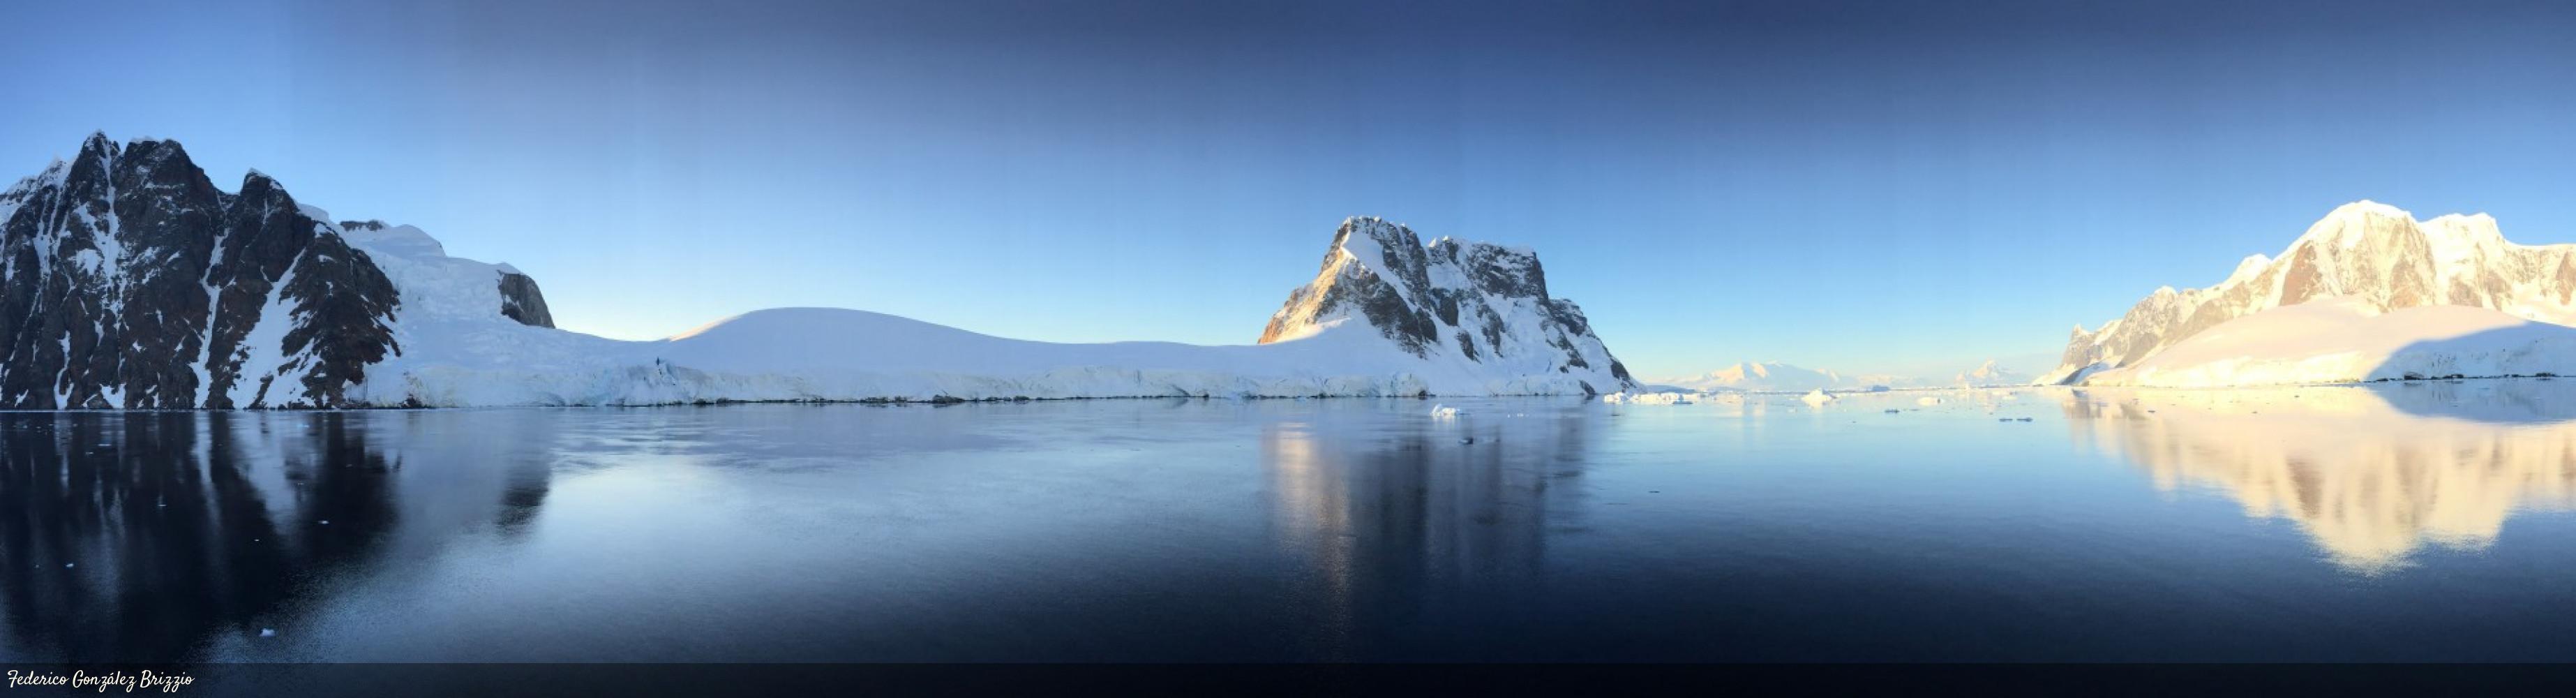 Antártida | Fin del Mundo - Tierra del Fuego, Ushuaia